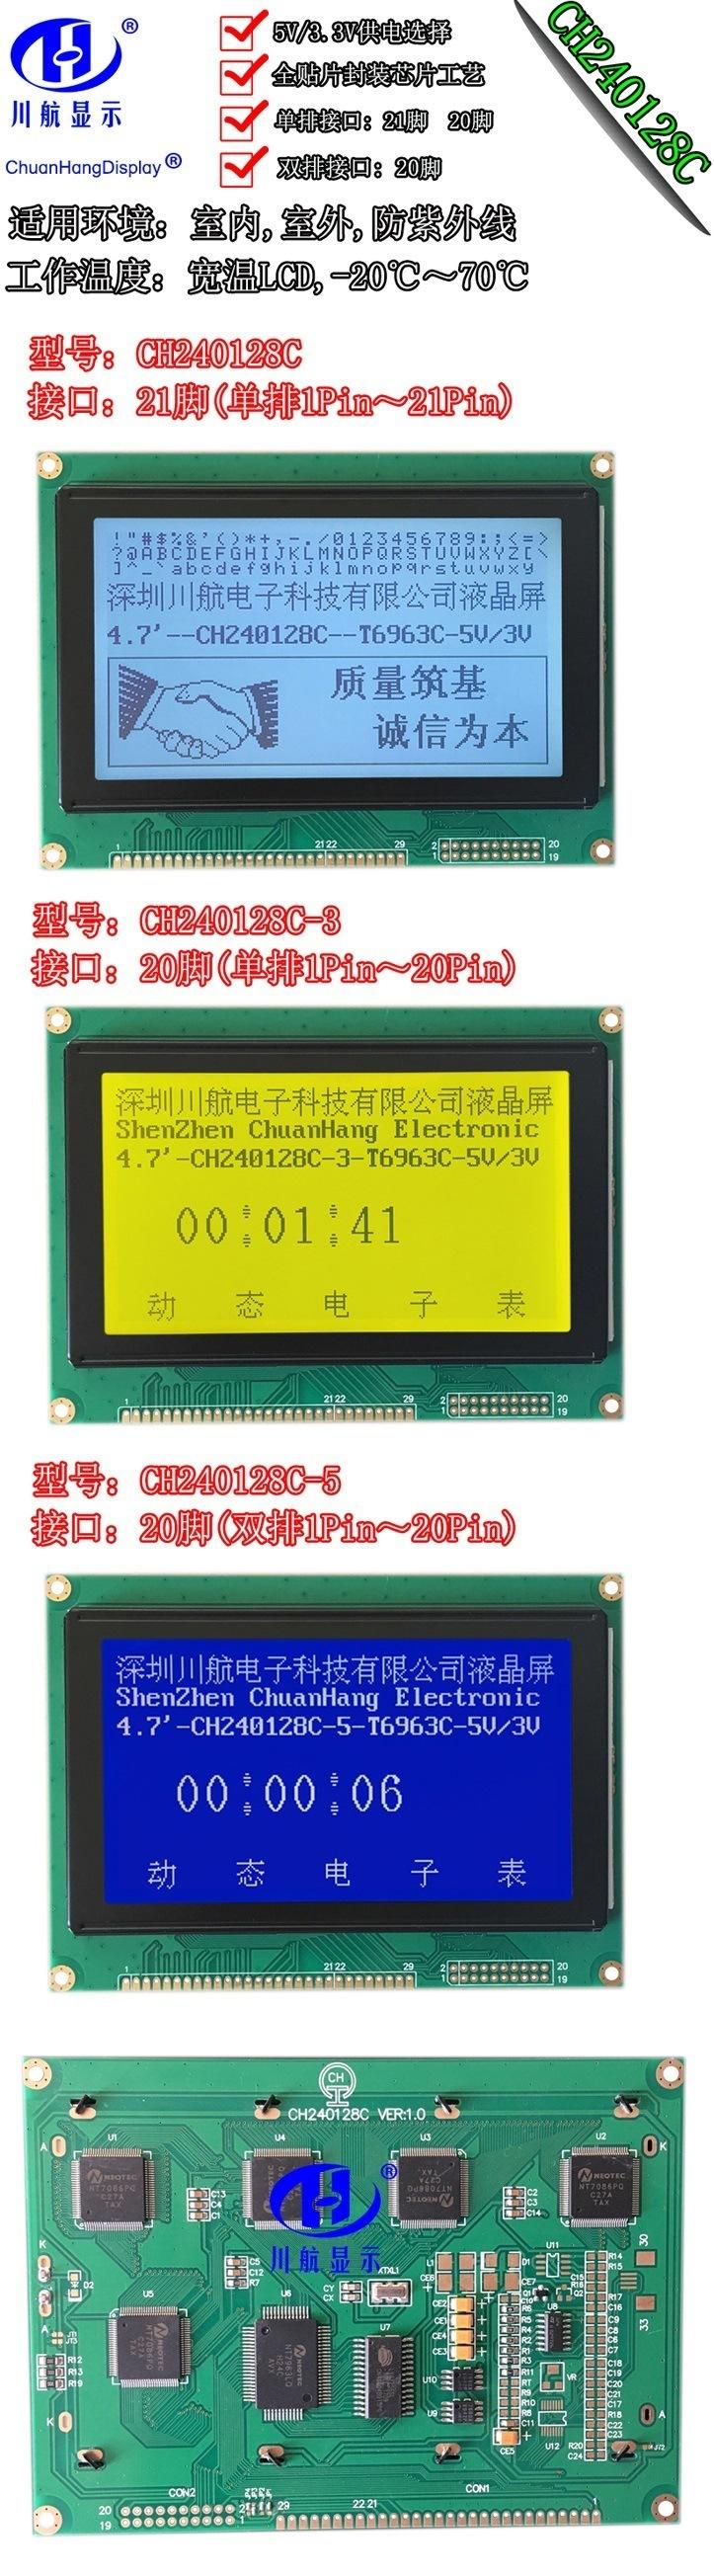 CH240128C-PCB-描述